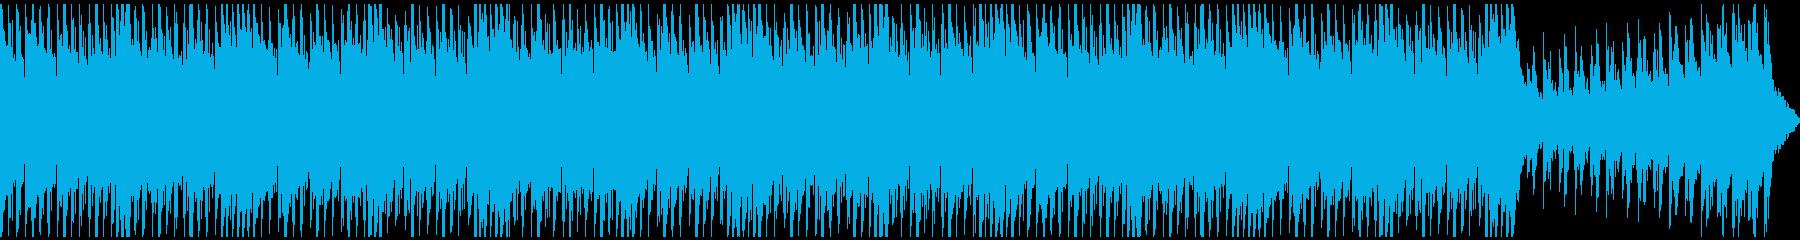 バトル、ホラー向きヘヴィで重厚な和太鼓の再生済みの波形